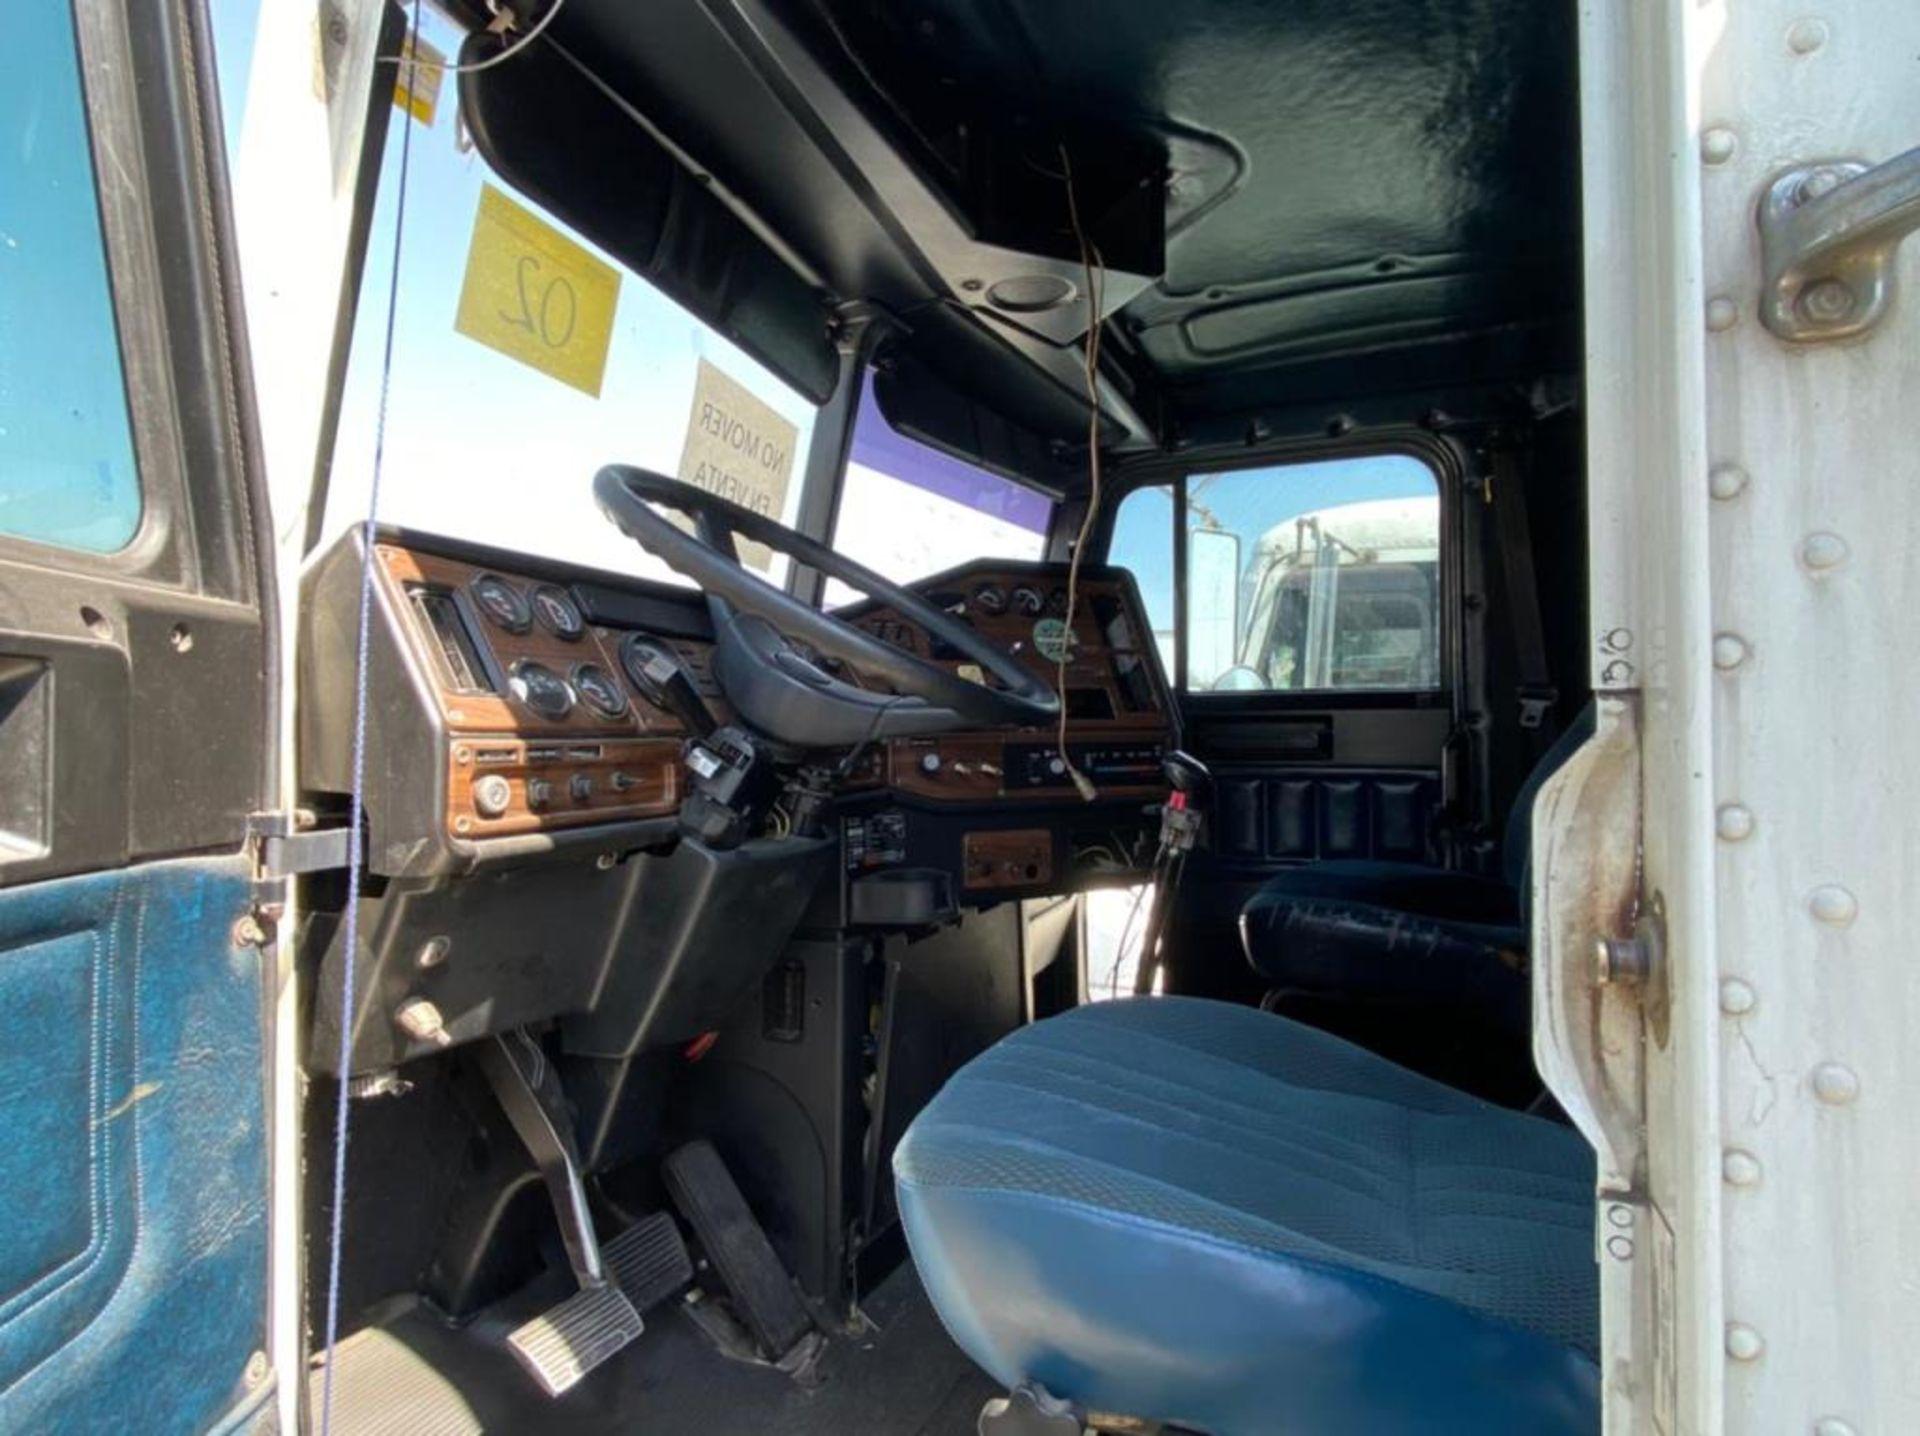 Tractocamión Marca FREIGHTLINER FLD-120, Modelo 1999 - Image 20 of 28